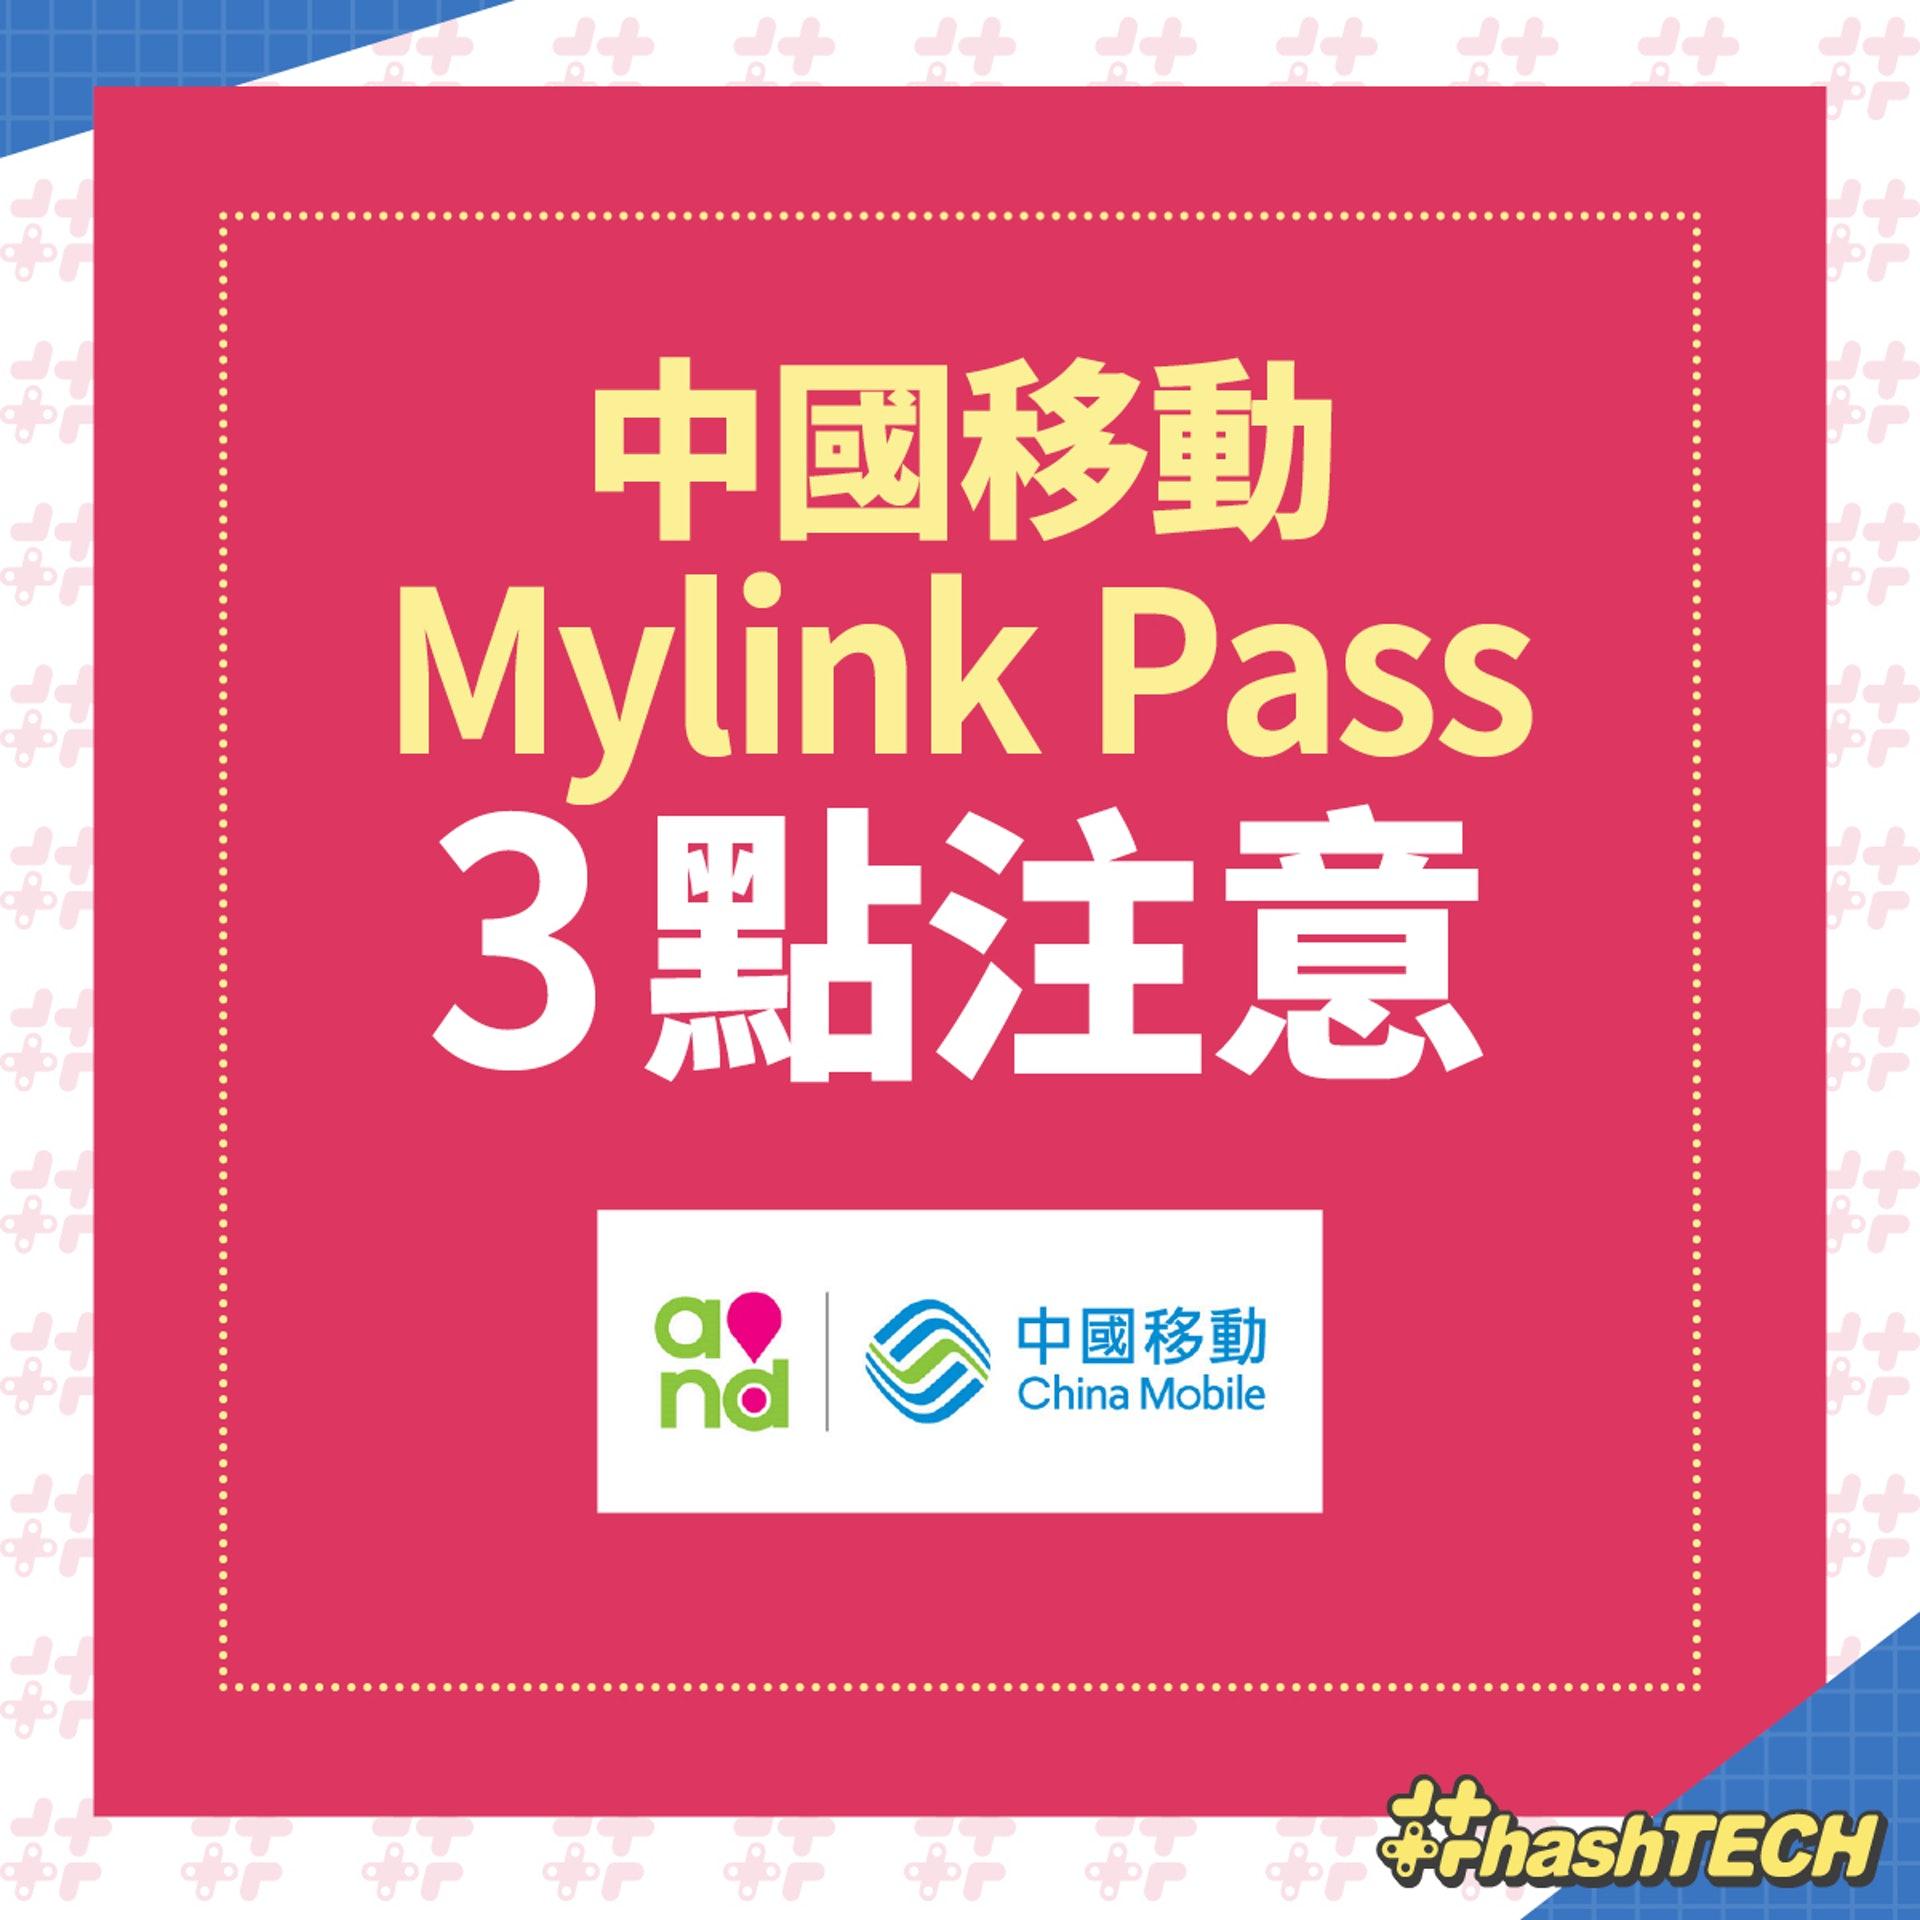 【 中國移動--Mylink Pass】 (《香港01》美術部製圖)